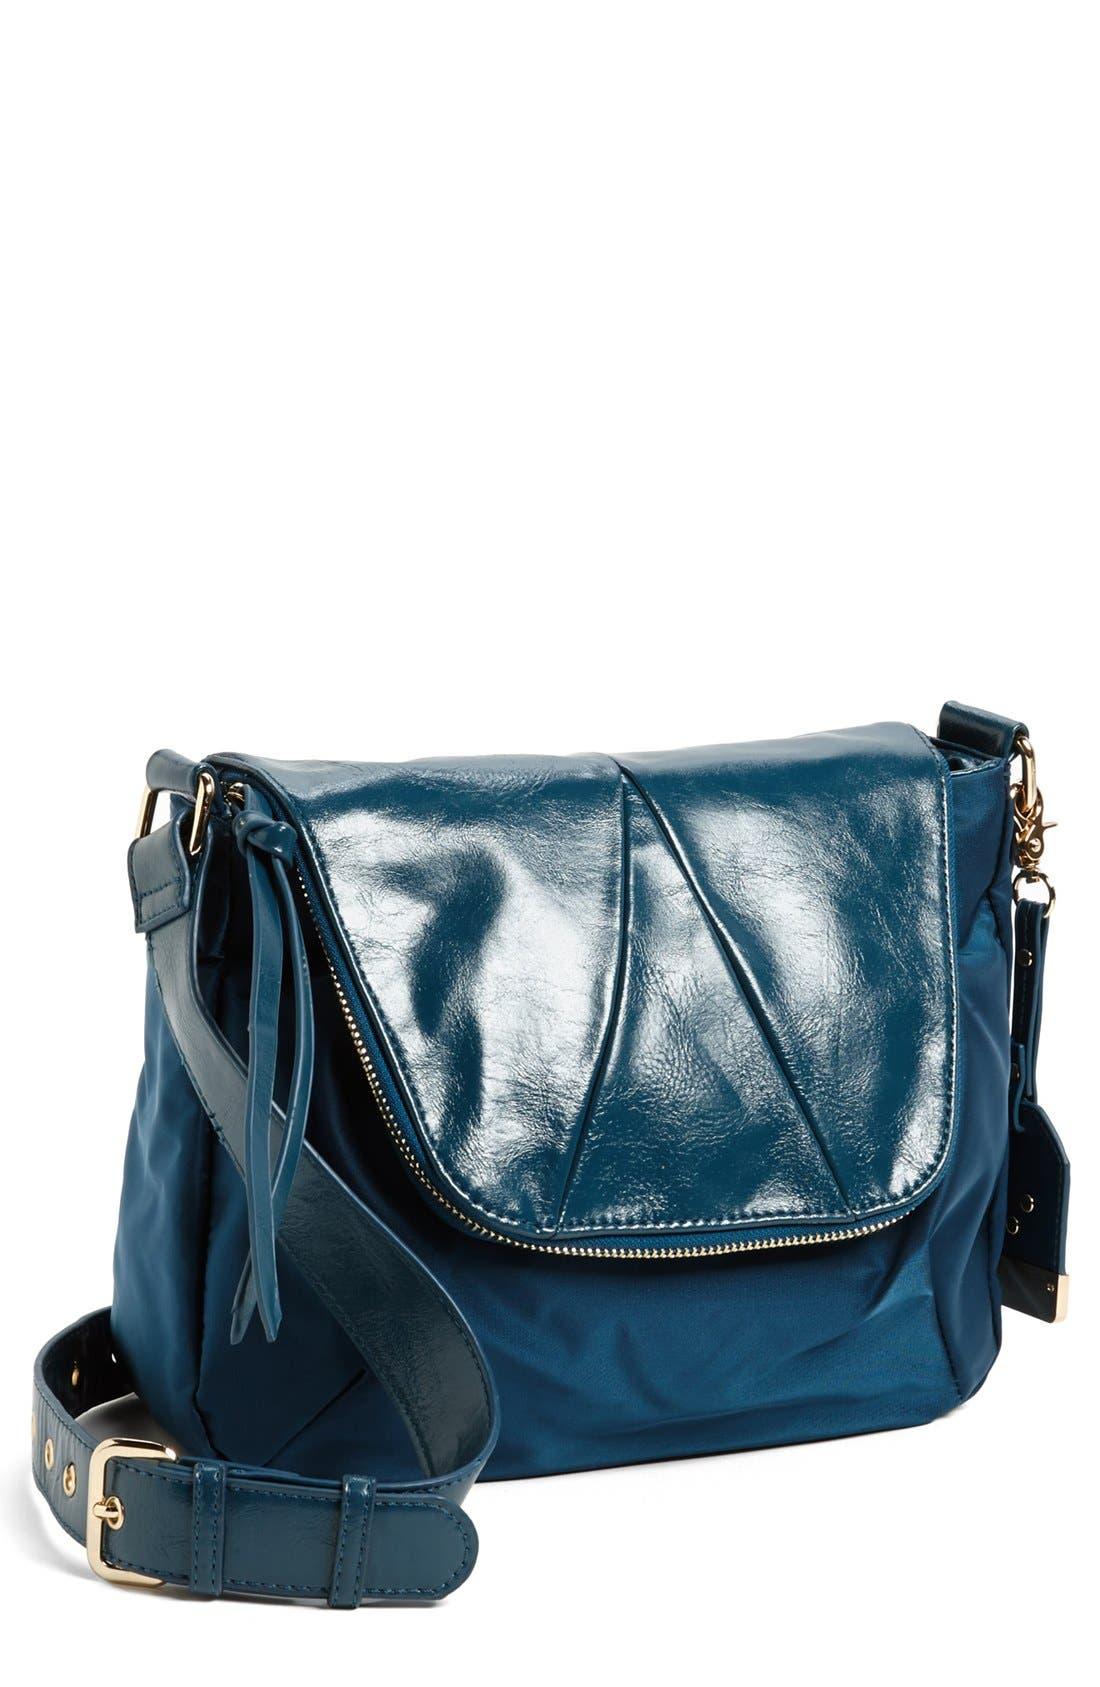 Main Image - POVERTY FLATS by rian Nylon Crossbody Bag